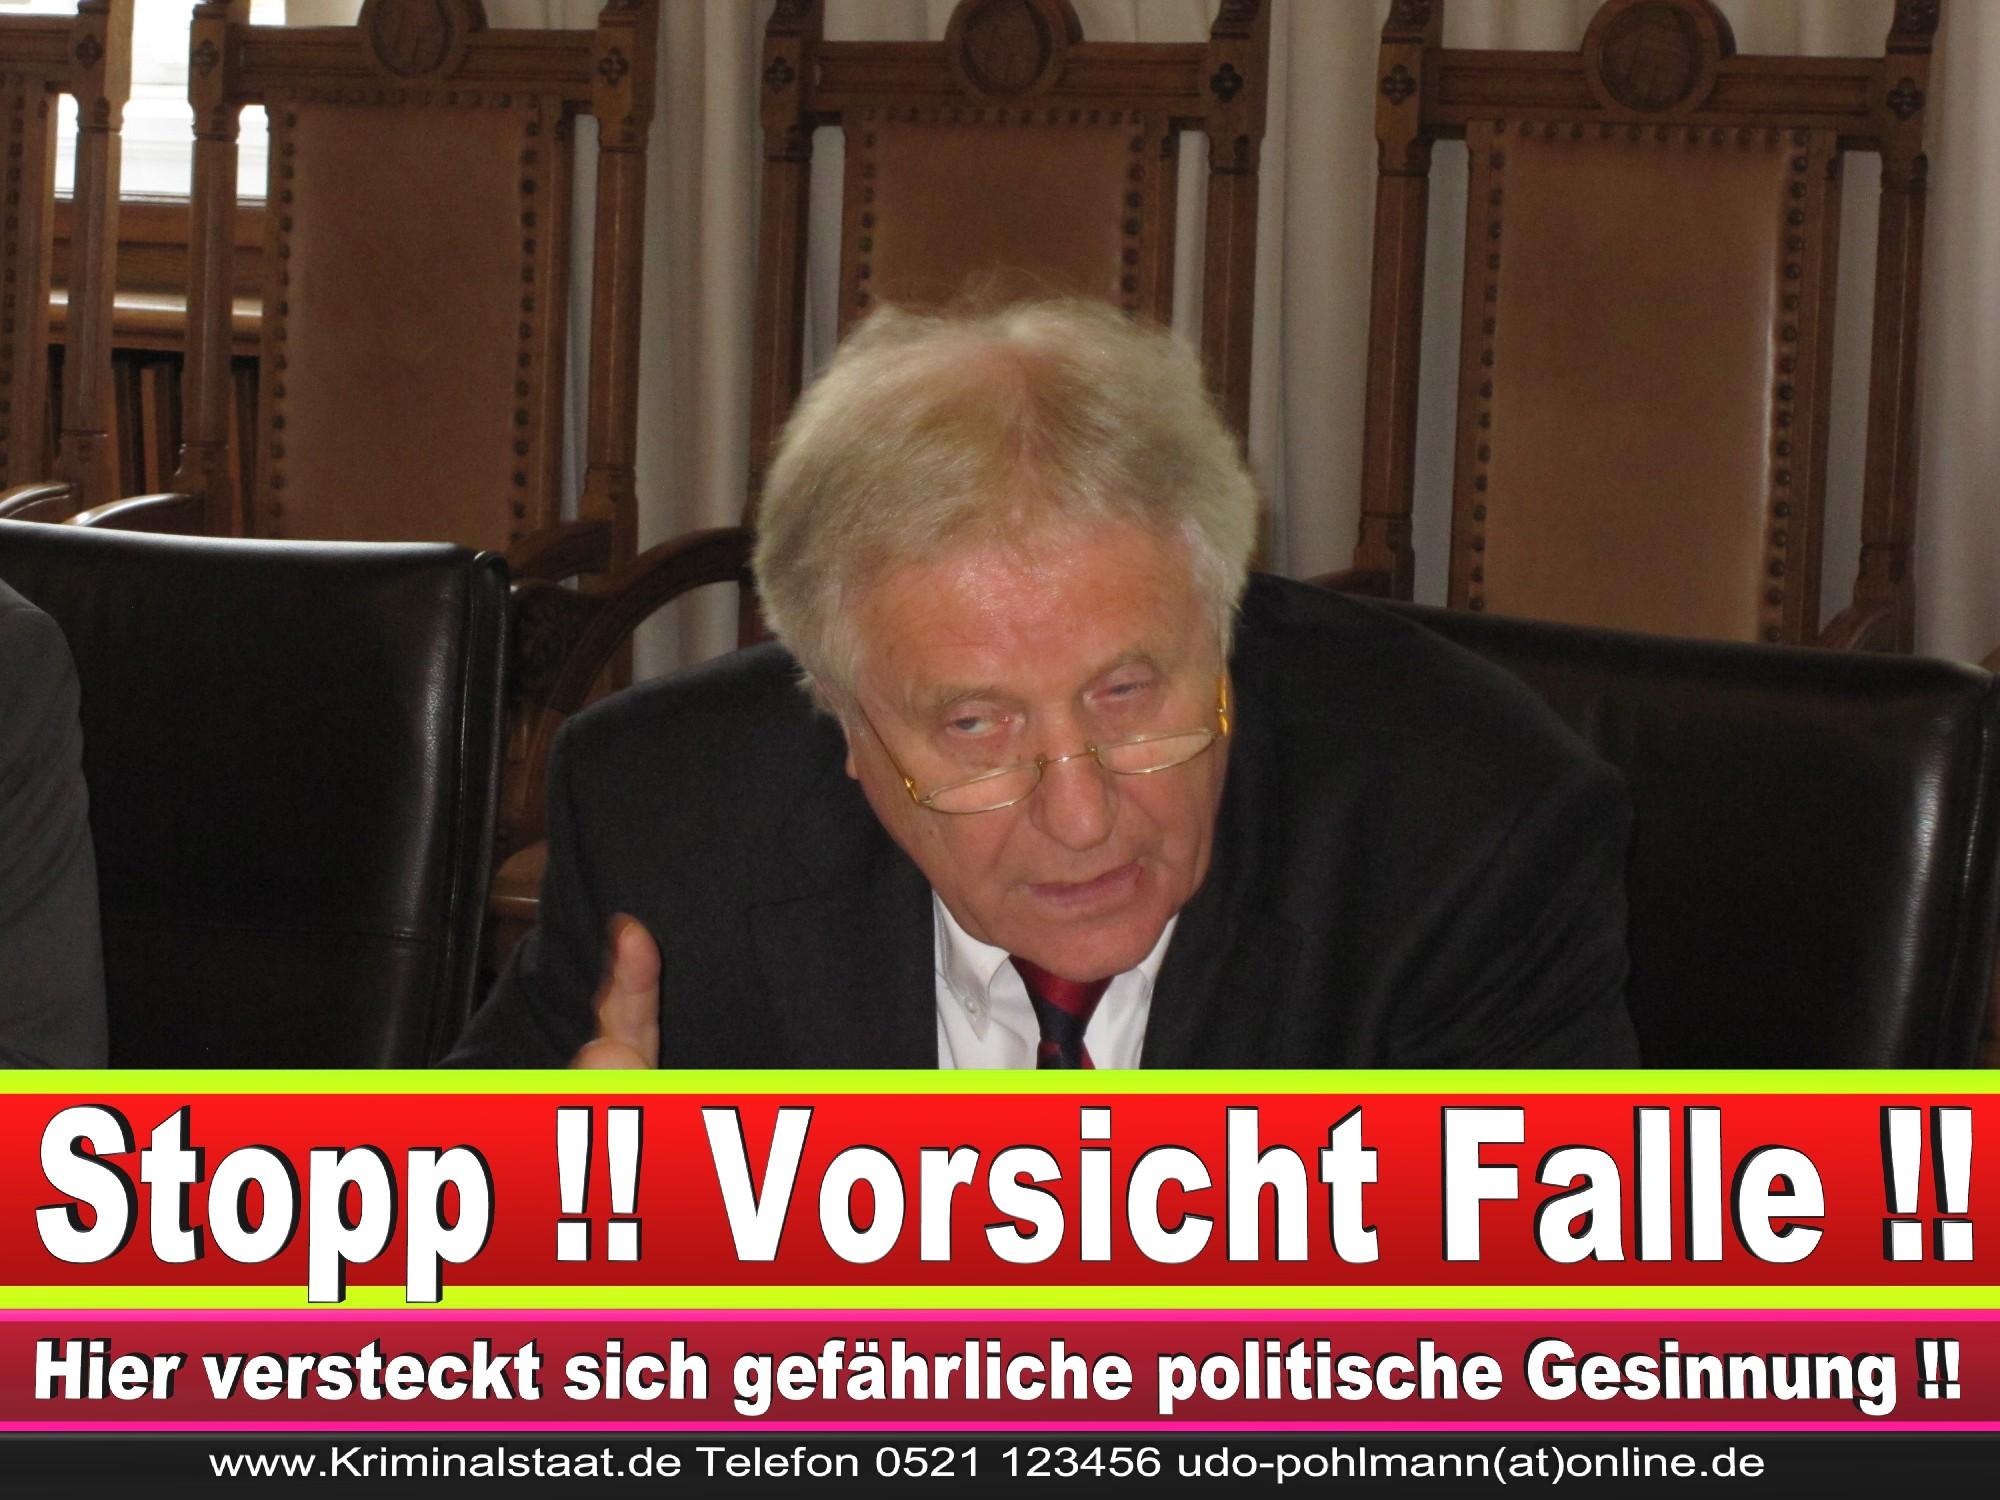 Polizeipräsident Erwin Südfeld Bielefeld Oberbürgermeister Bürgermeister Peter Clausen Pit Clausen Bielefeld (28)